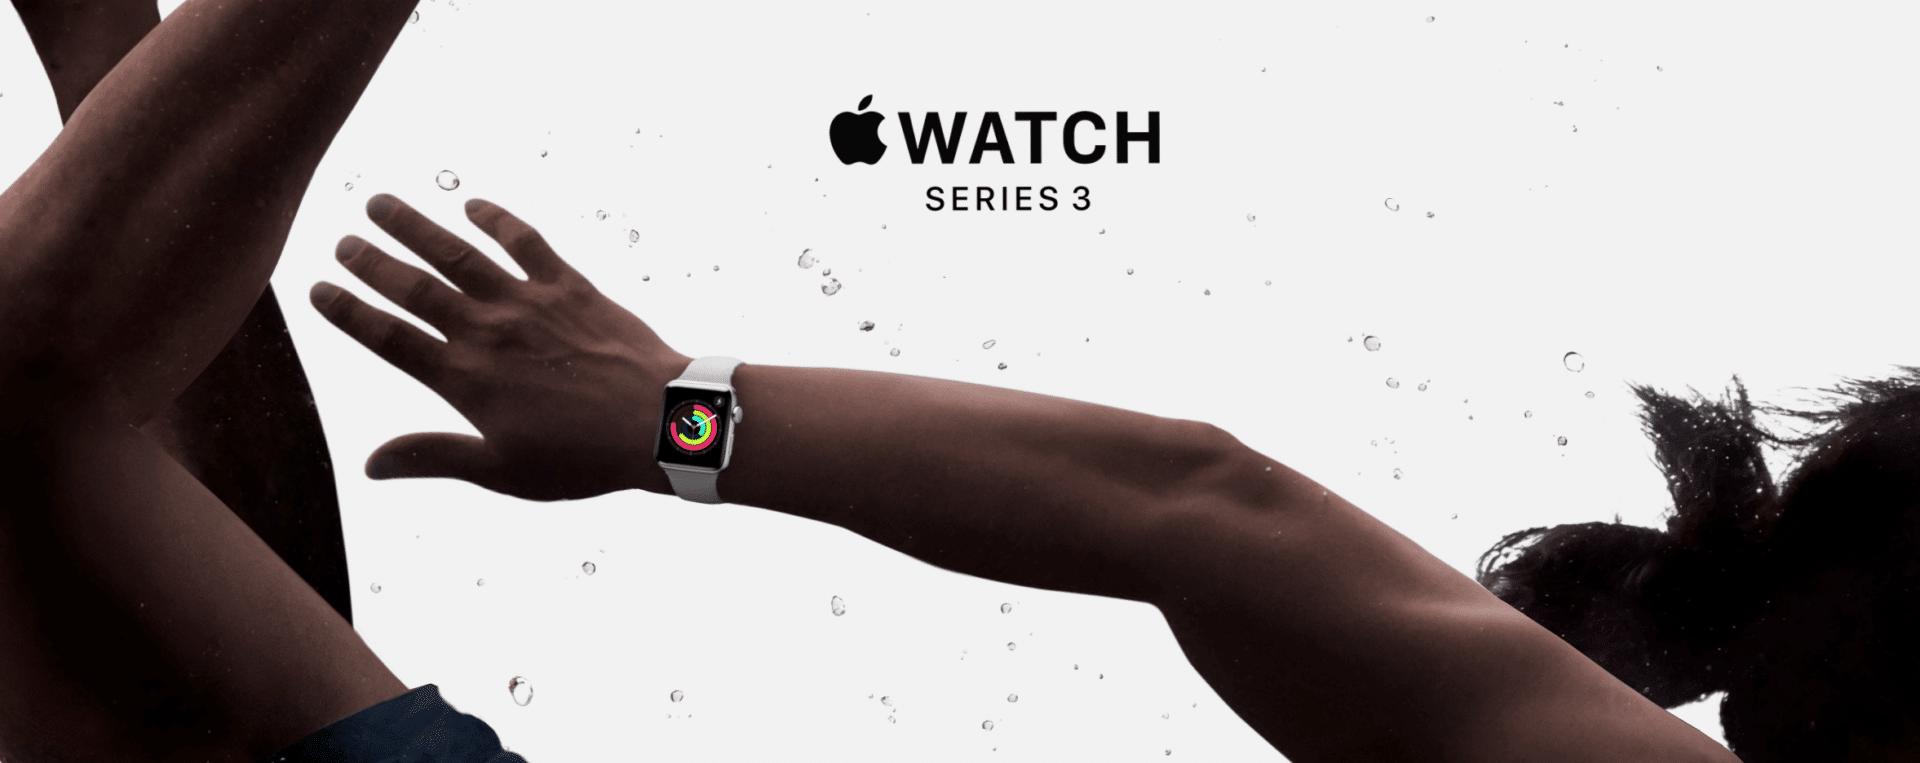 Chytrý hliník, který odemkne MacBook: Recenze Apple Watch Series 3